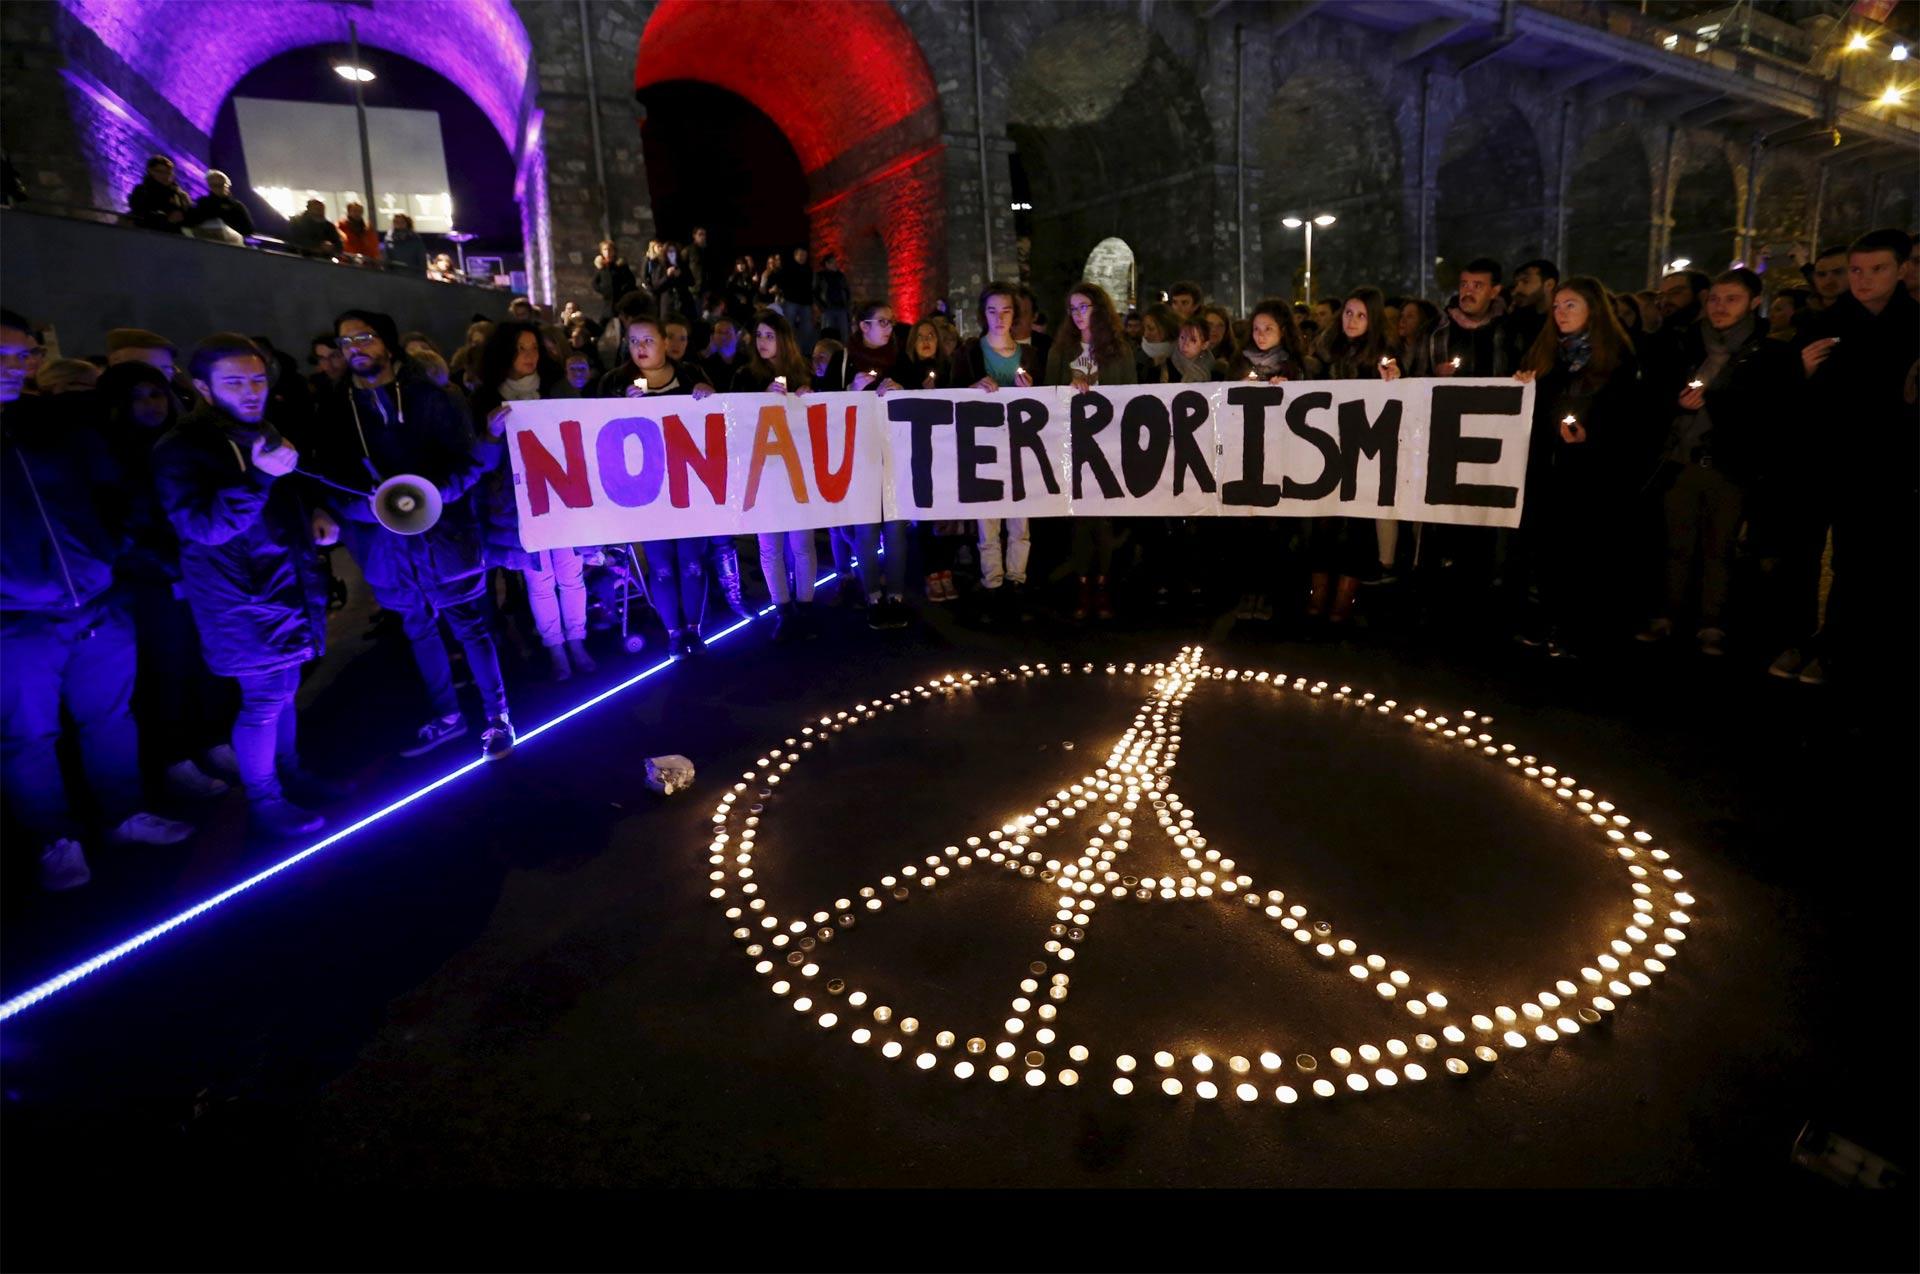 La policía registró ciudades francesas relacionadas con la lucha antiyihadista